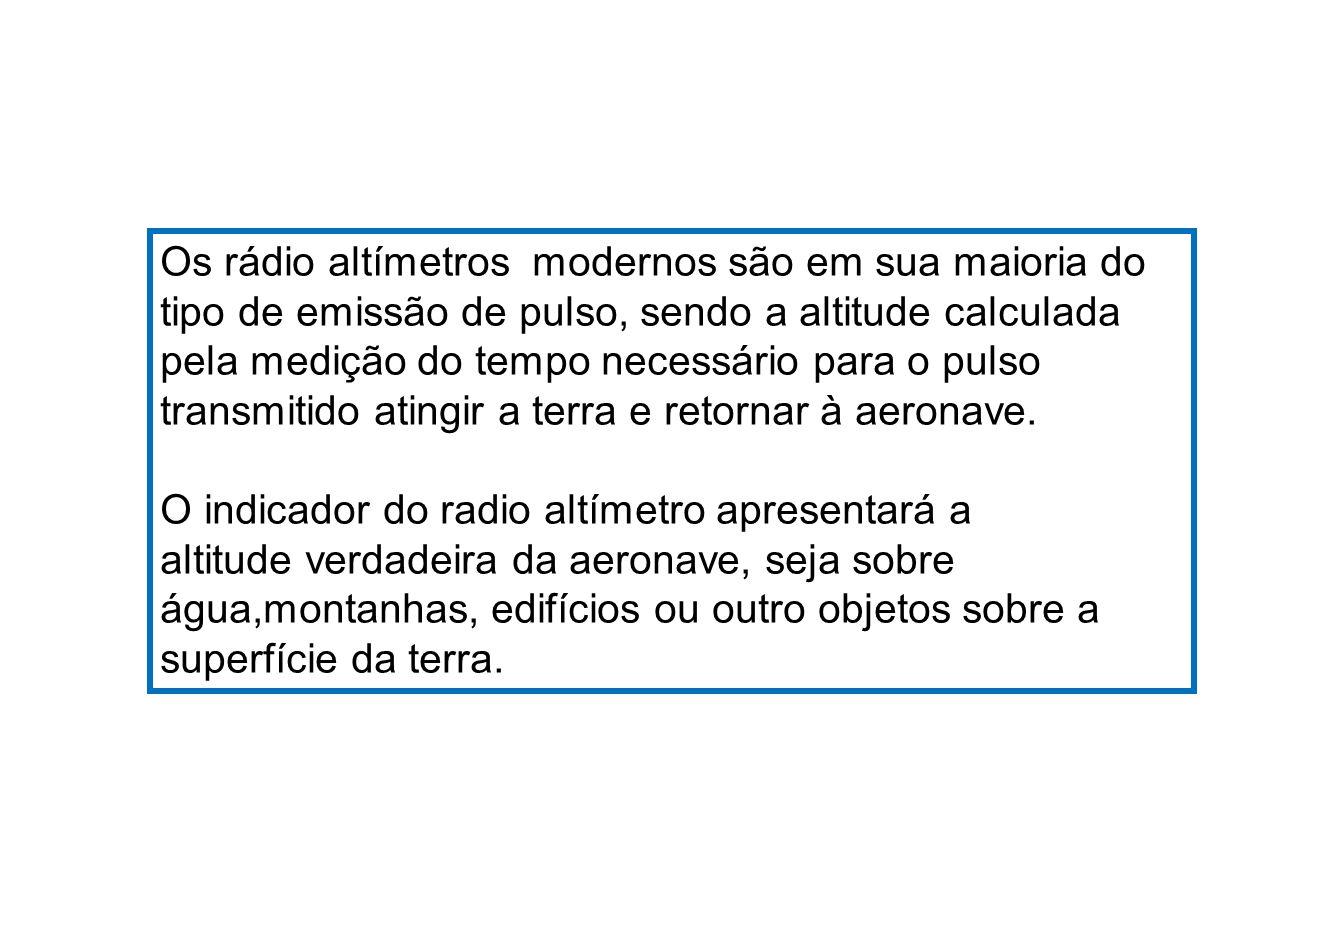 Atualmente, os radio altímetros são utilizados du- rante o pouso, sendo uma exigência para a Categoria II.